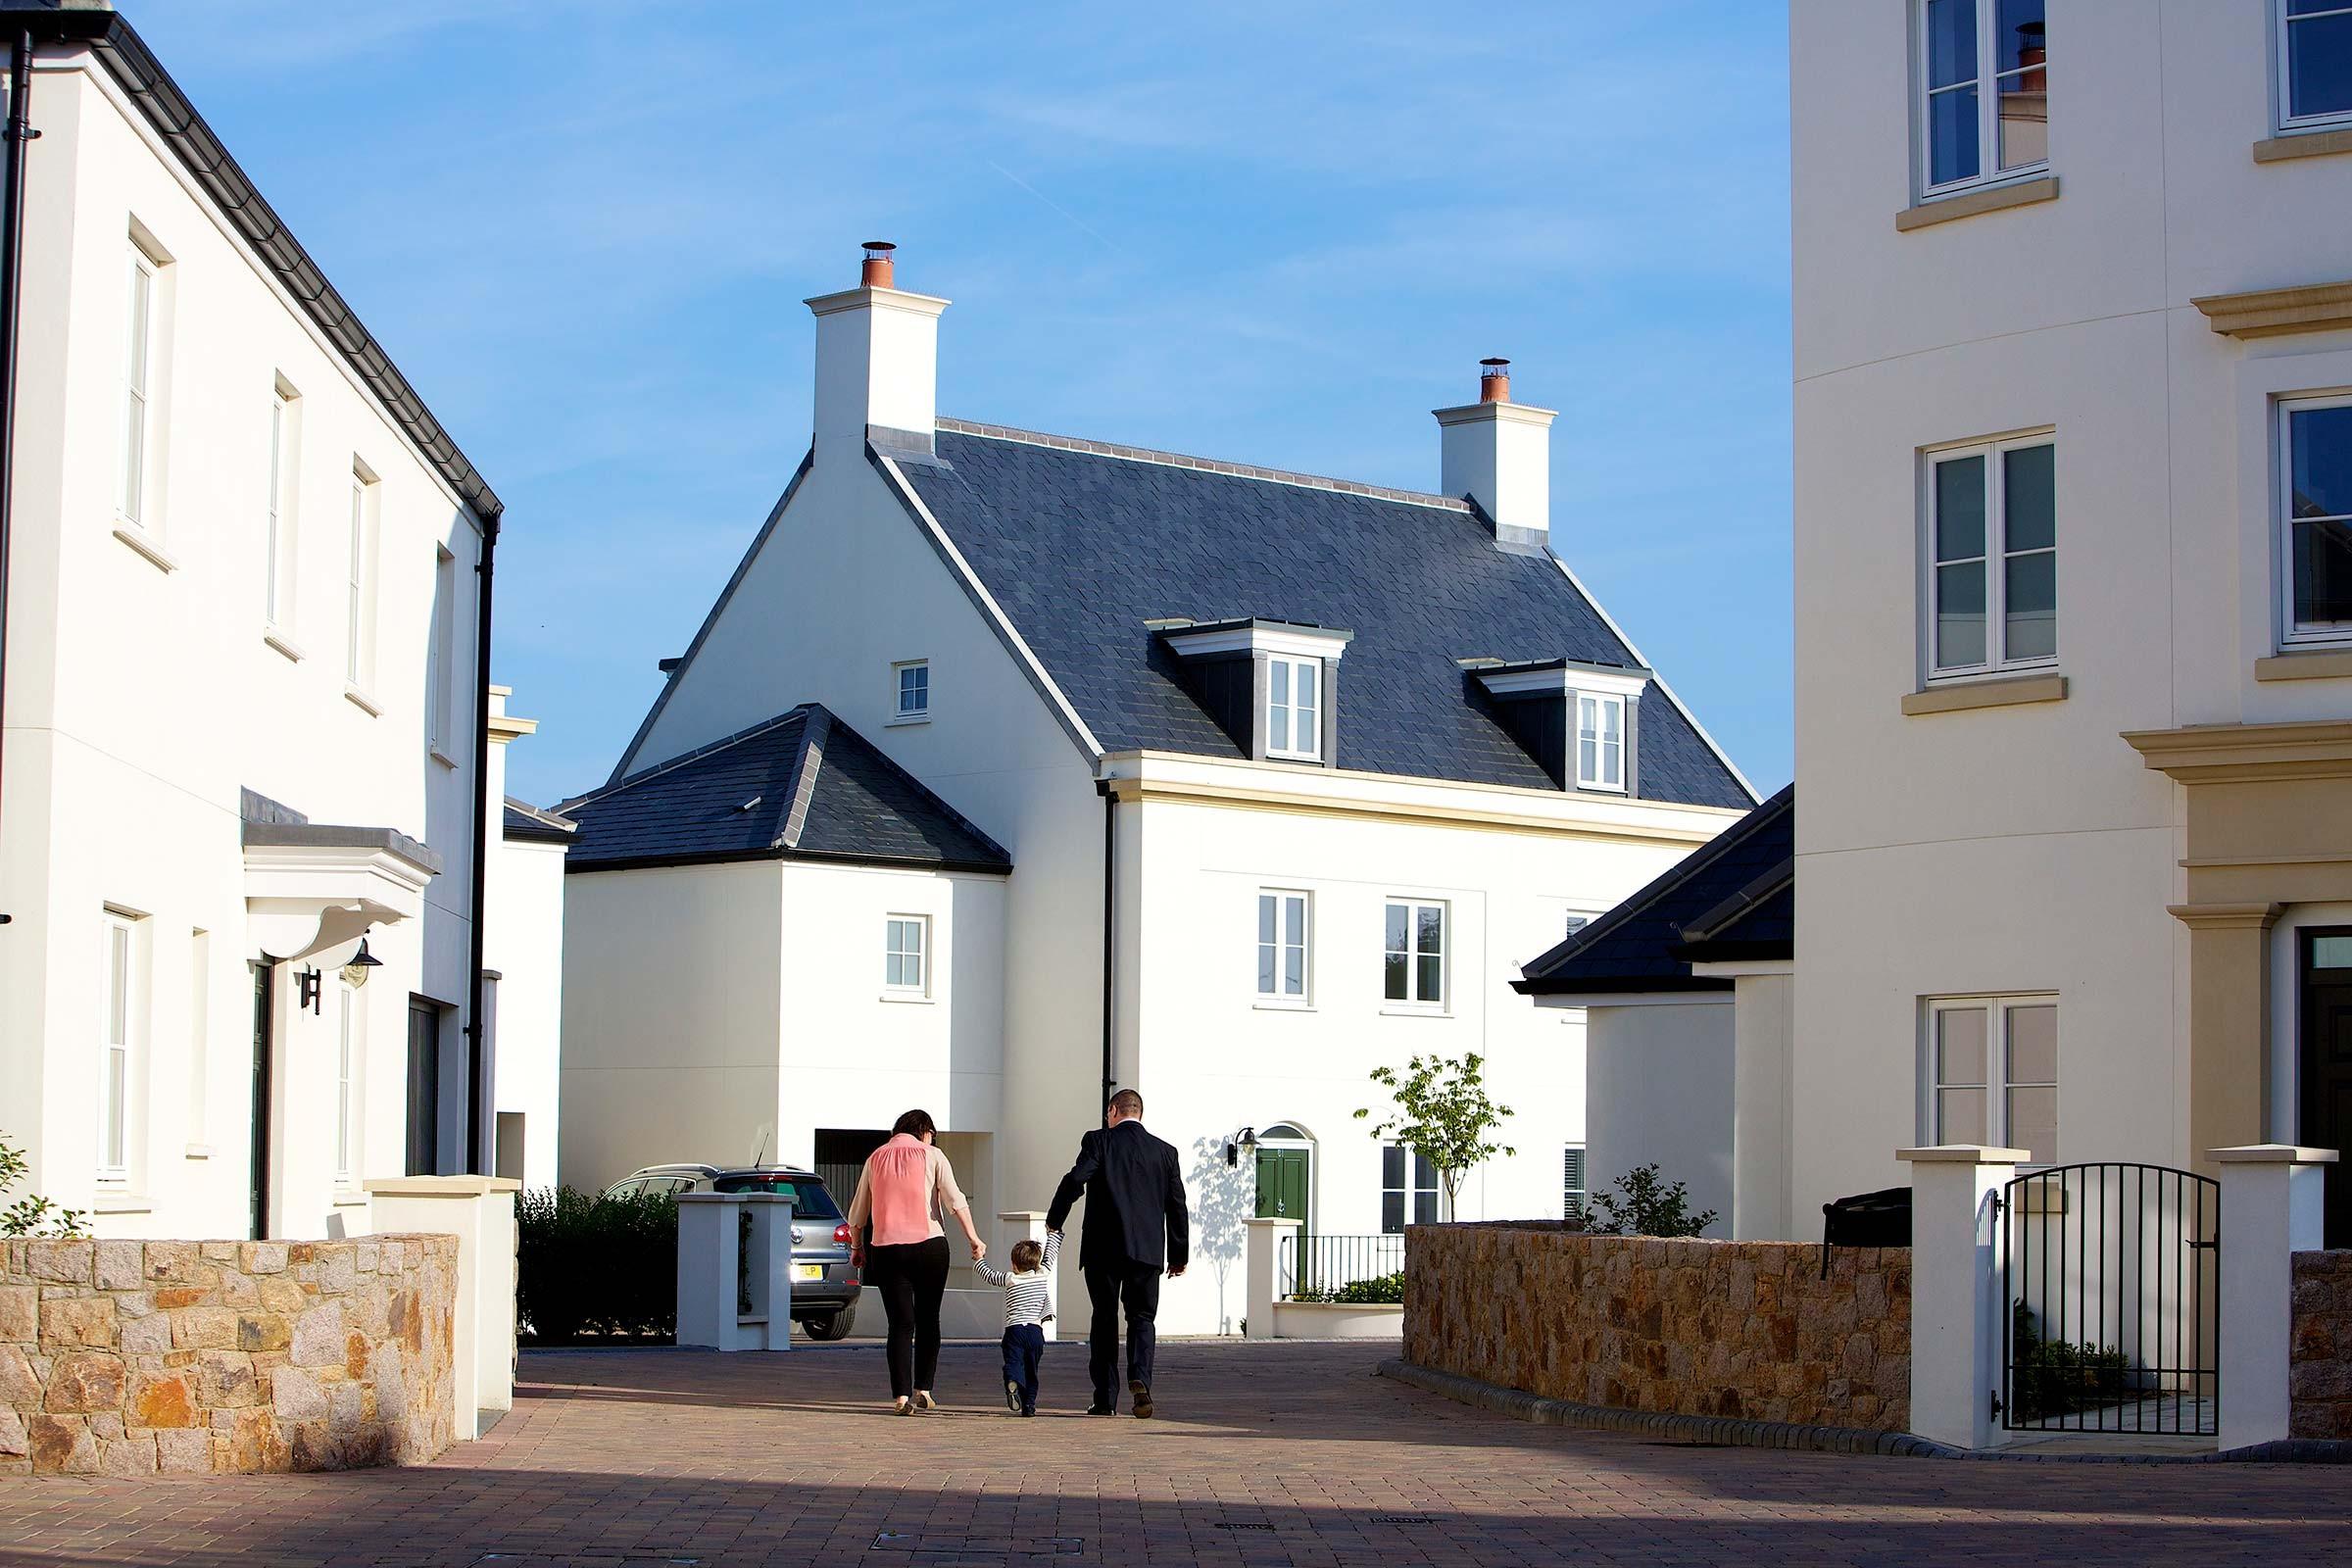 New housing at Belvedere, St Saviour, Jersey